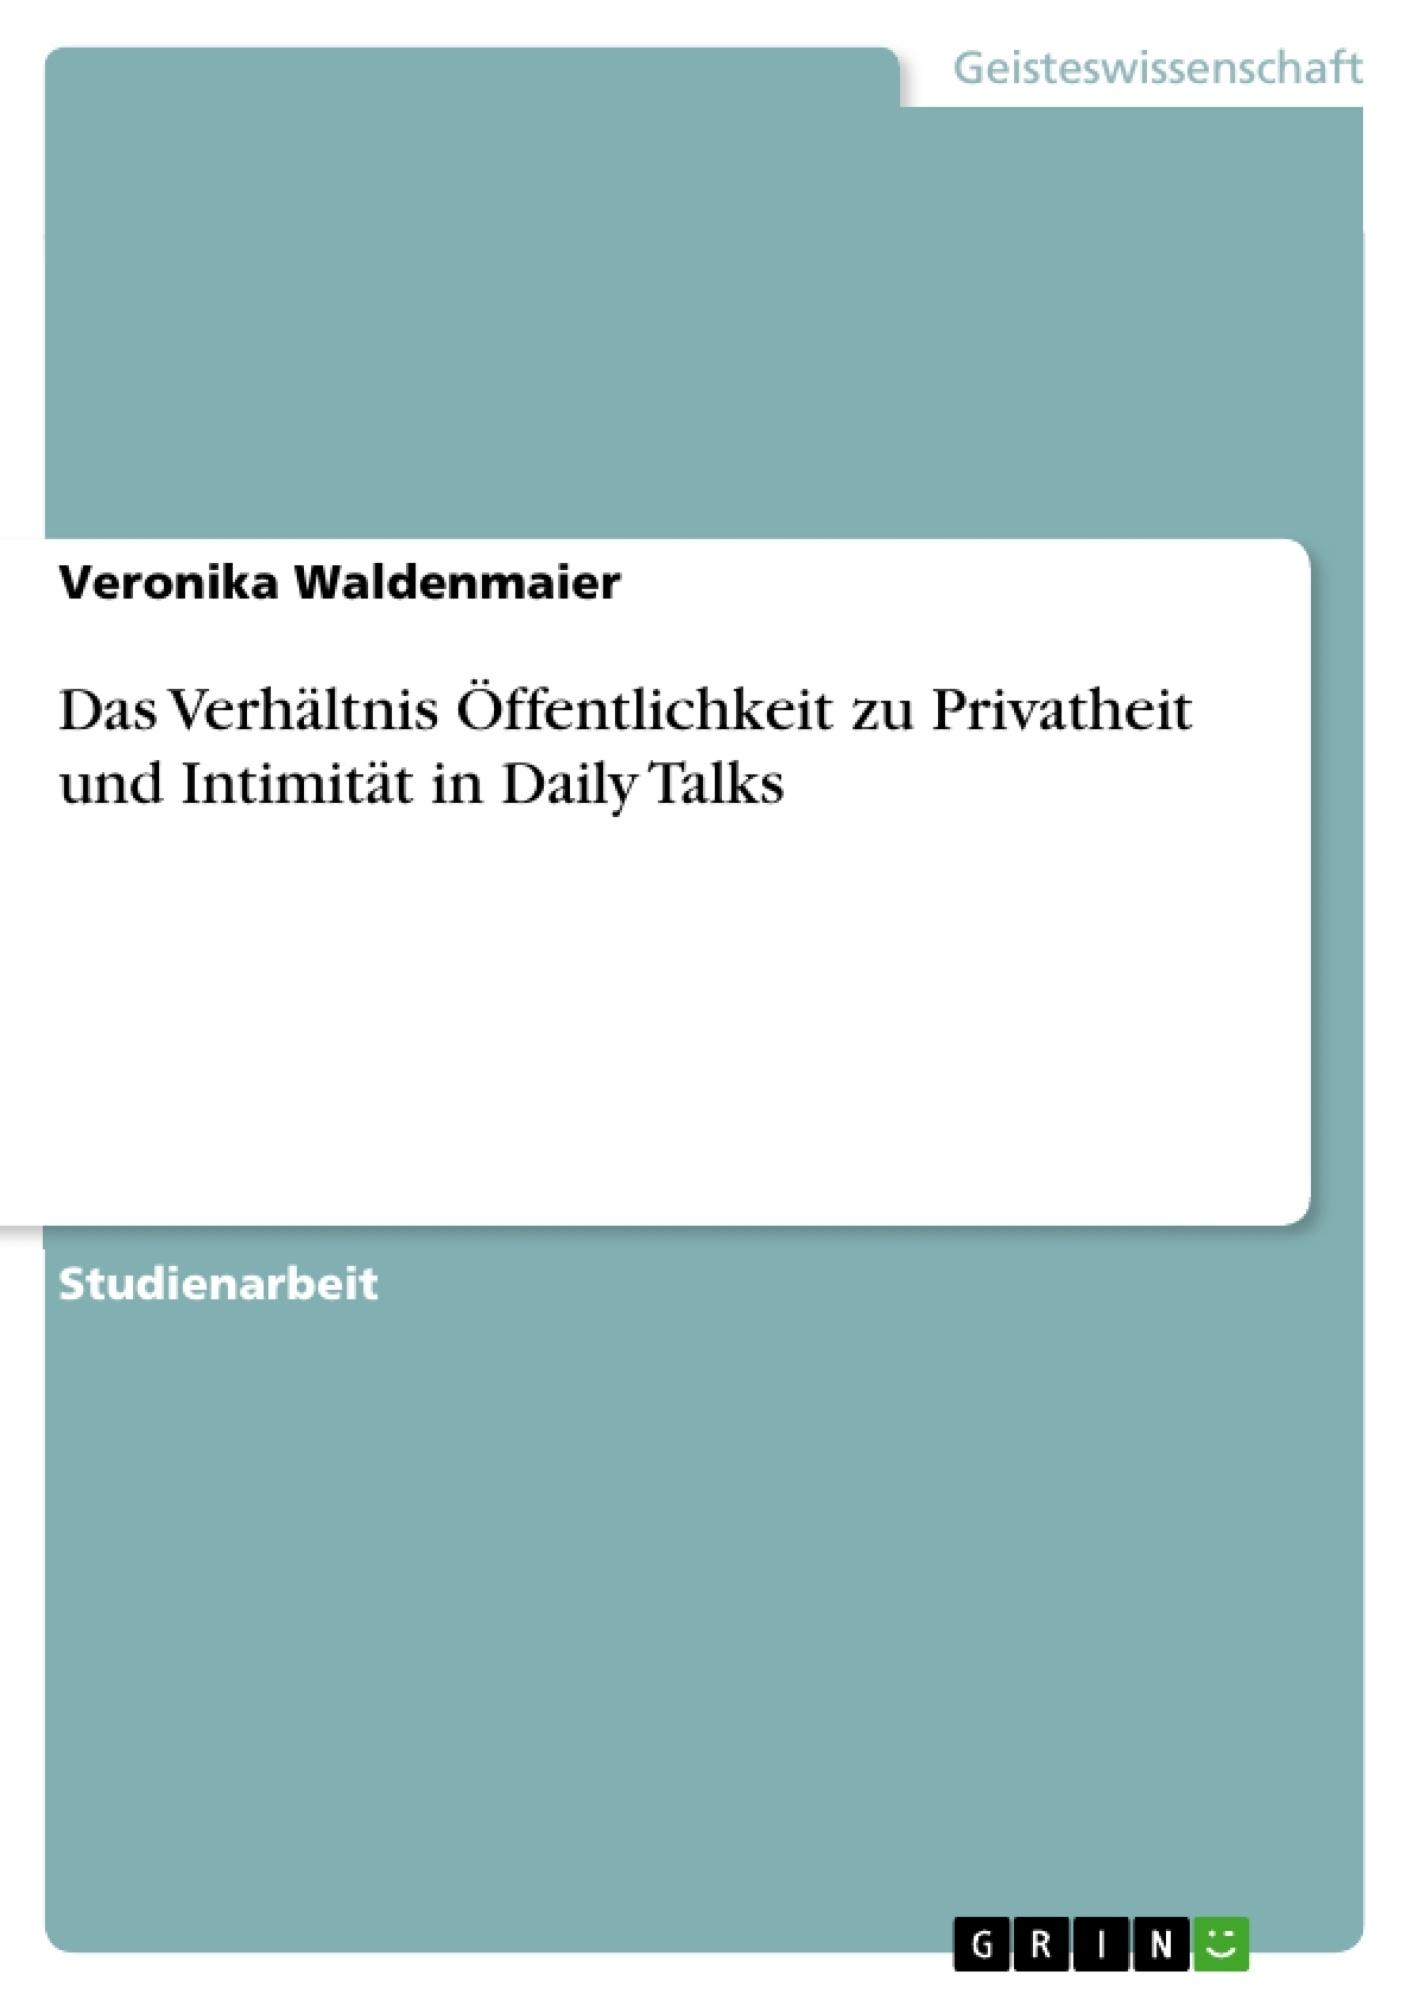 Titel: Das Verhältnis Öffentlichkeit zu Privatheit und Intimität in Daily Talks